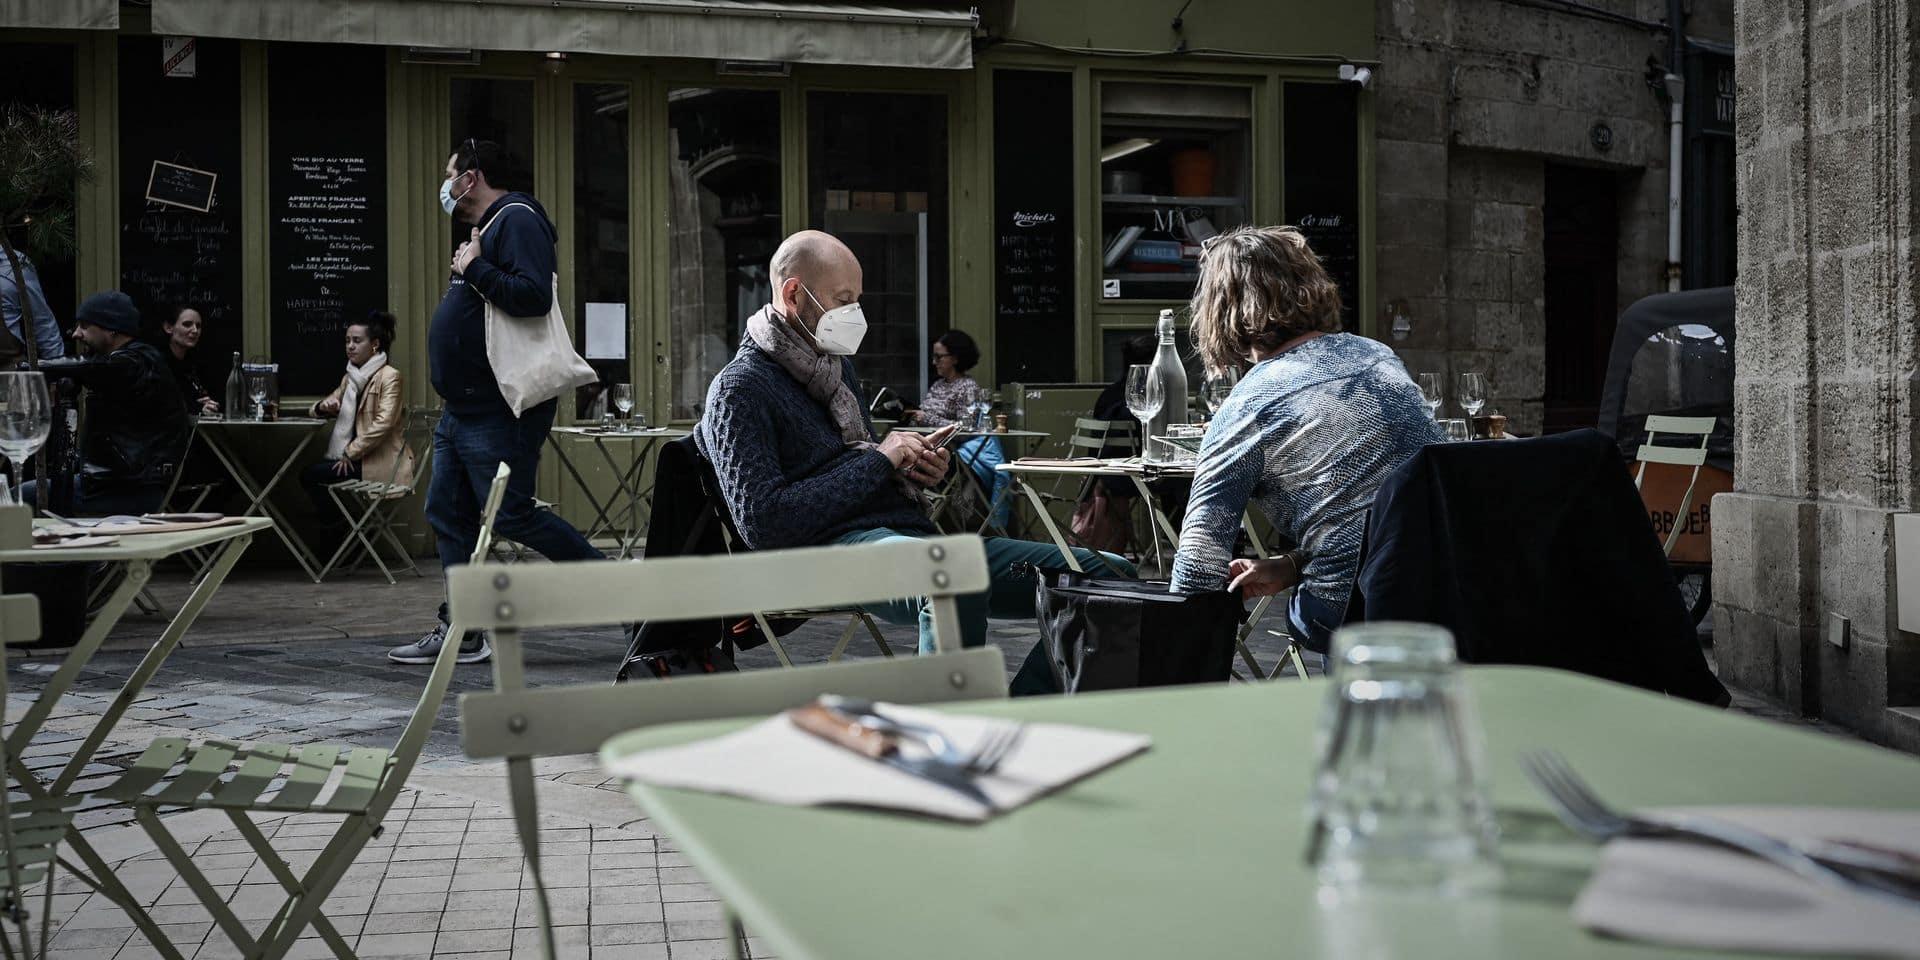 L'horeca louvaniste déplore l'interdiction des écrans en plexiglas sur les terrasses